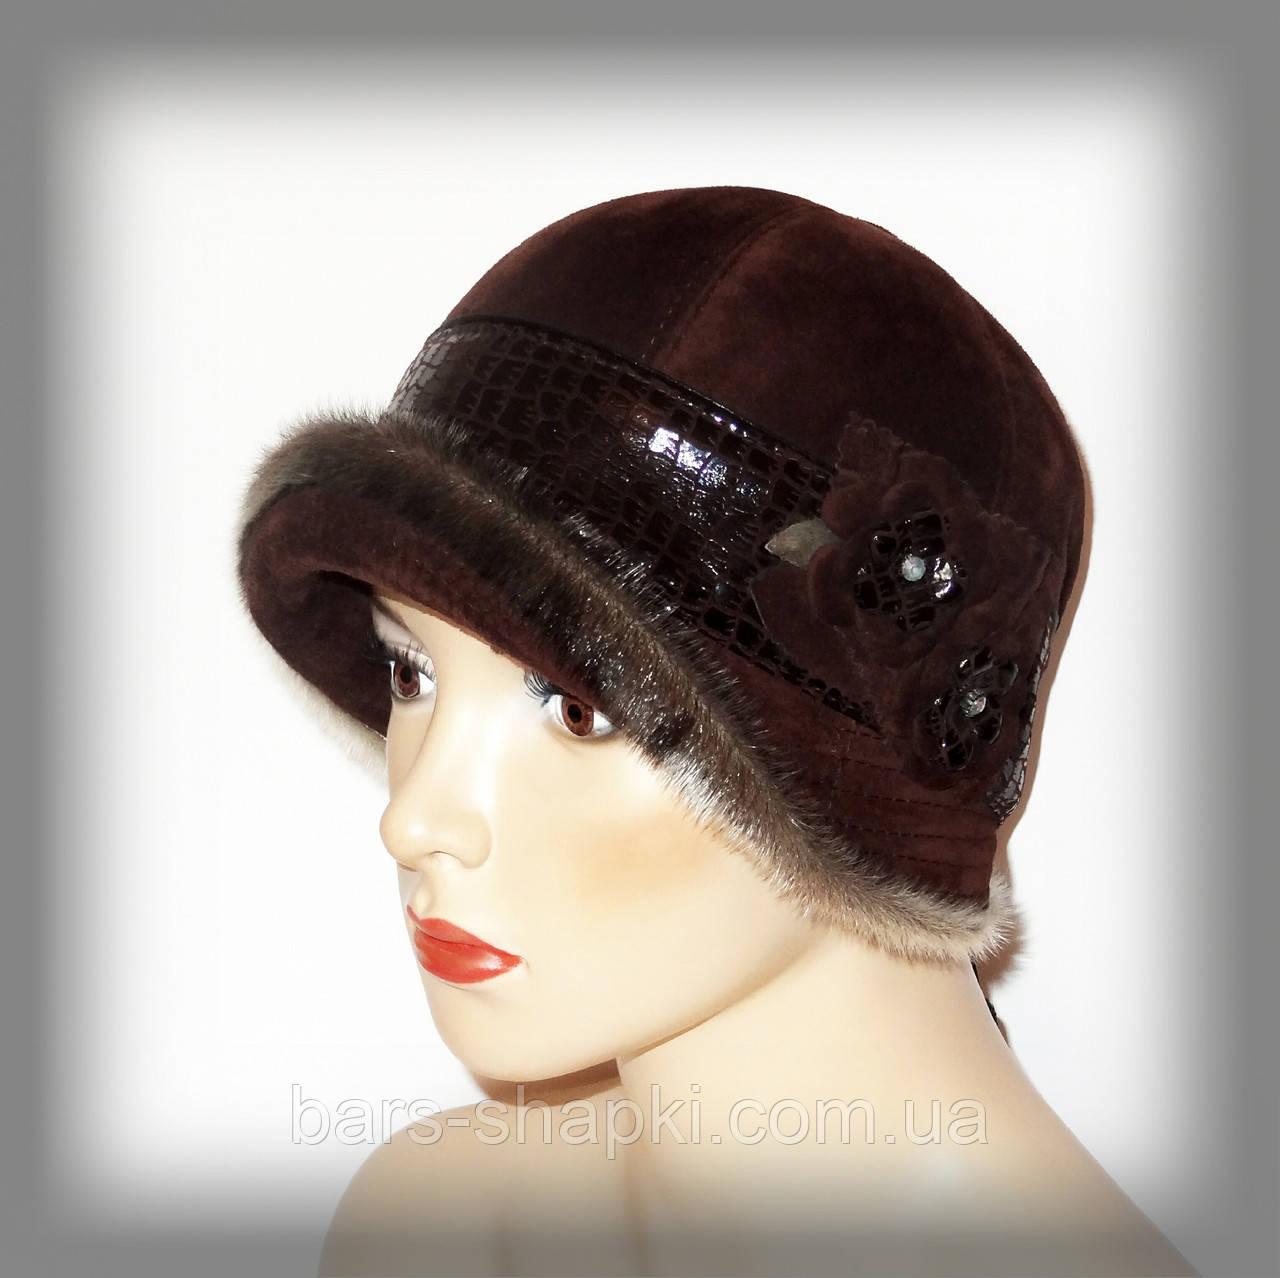 3b172896b980 Женская шапка из замши (бордо)